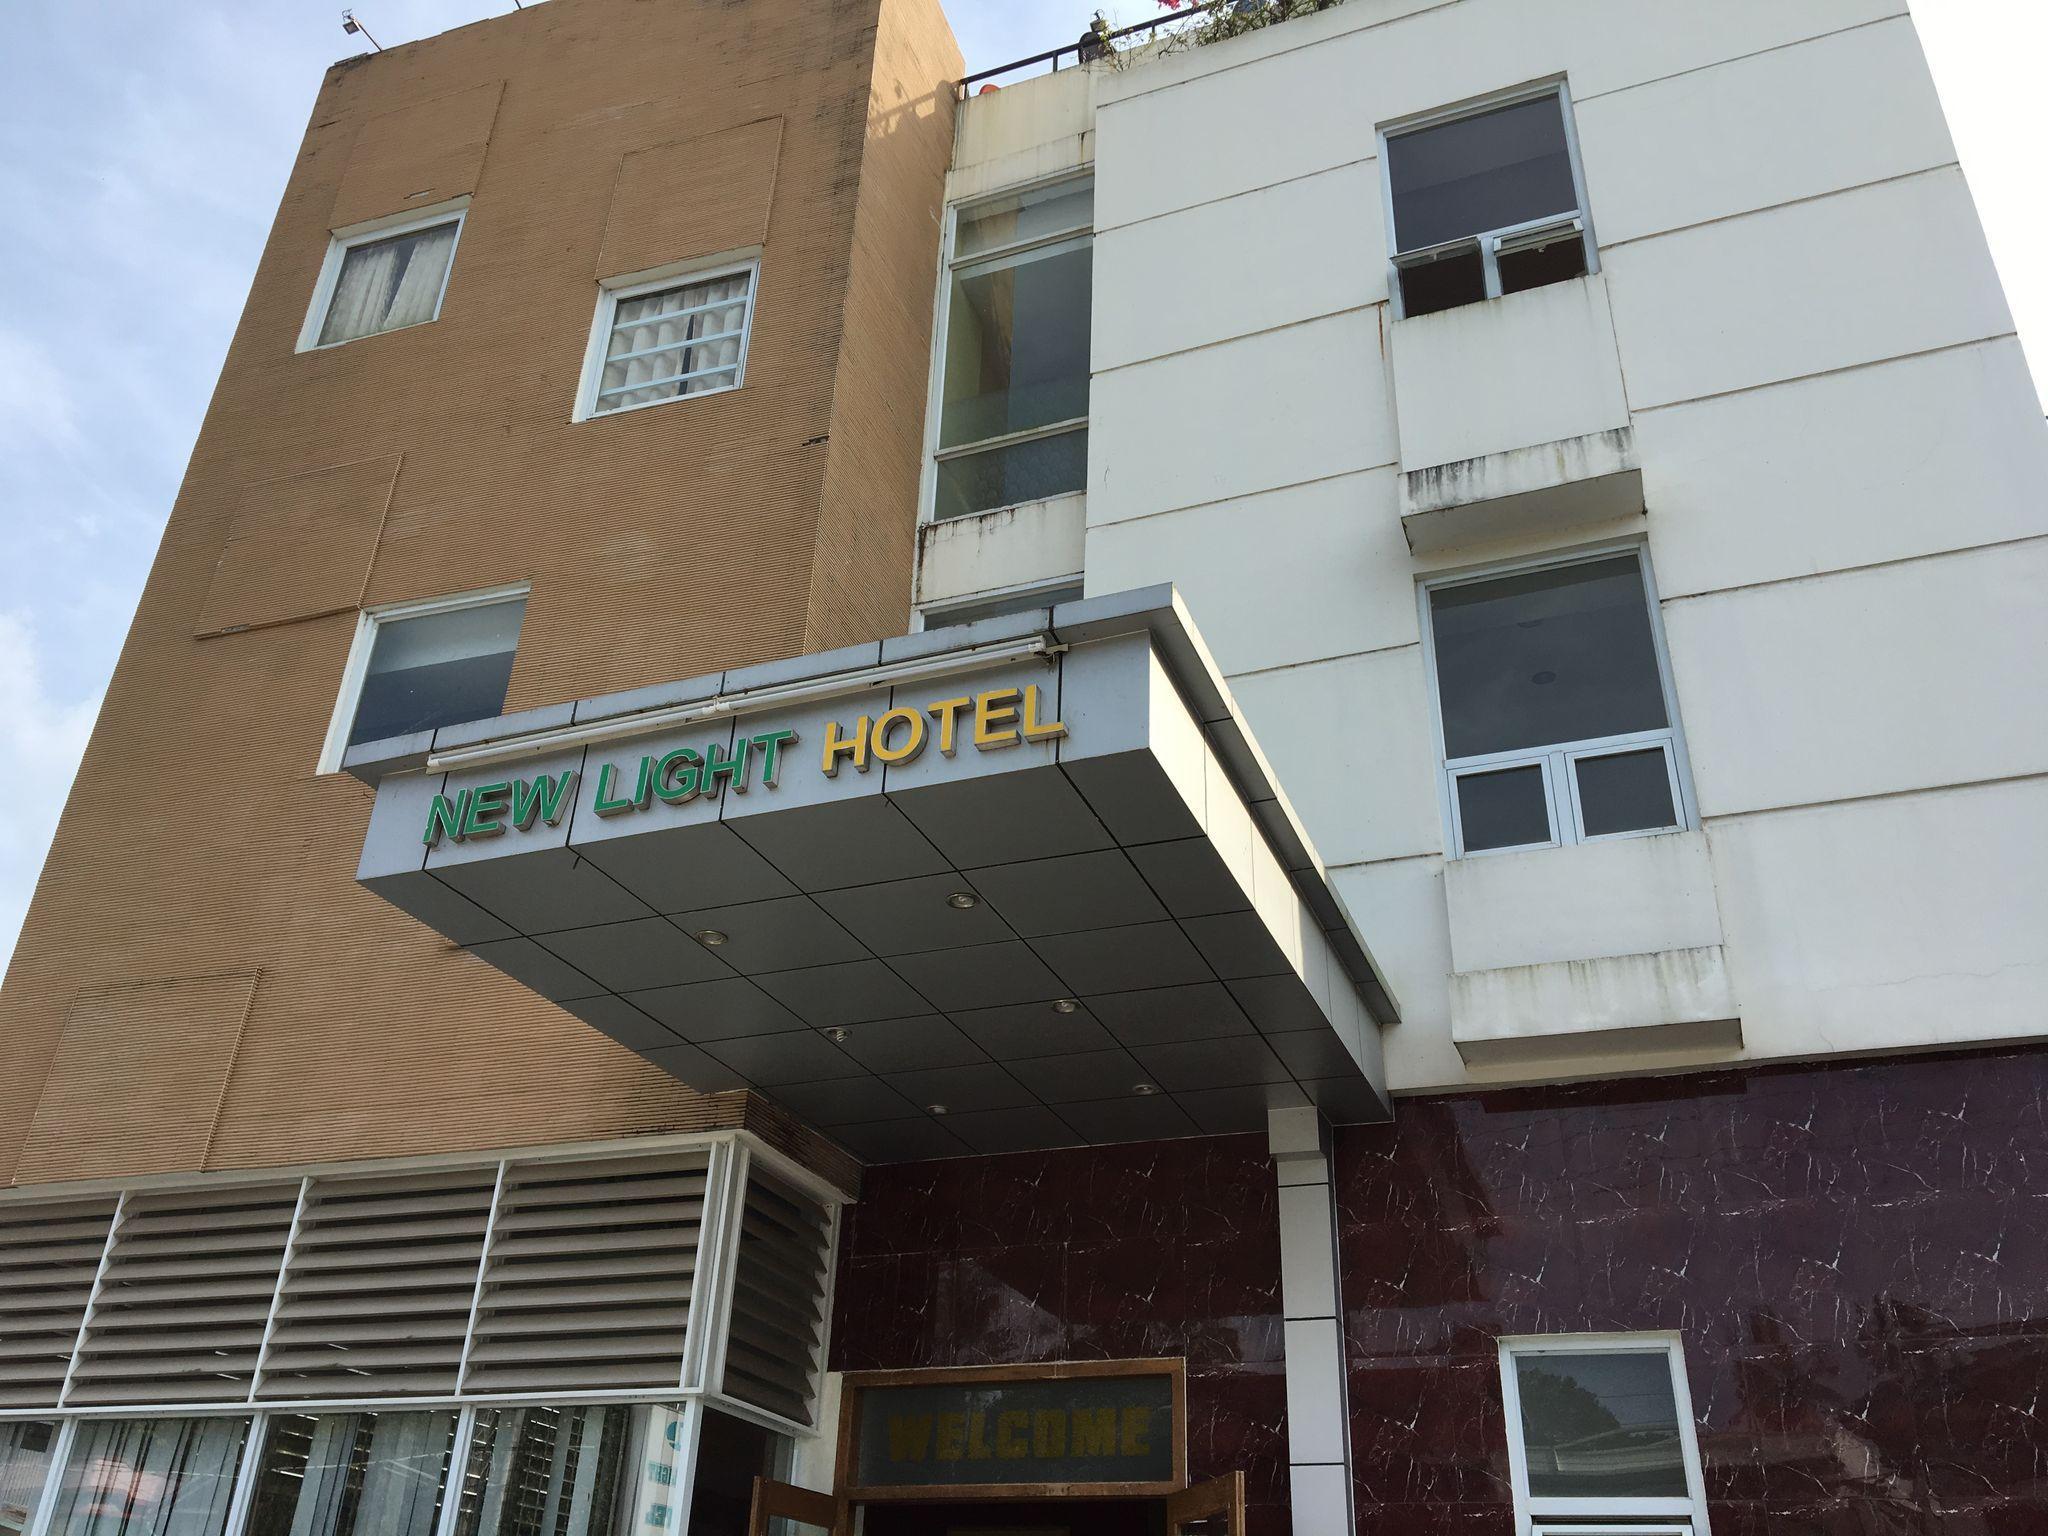 New Light Hotel, Dawei